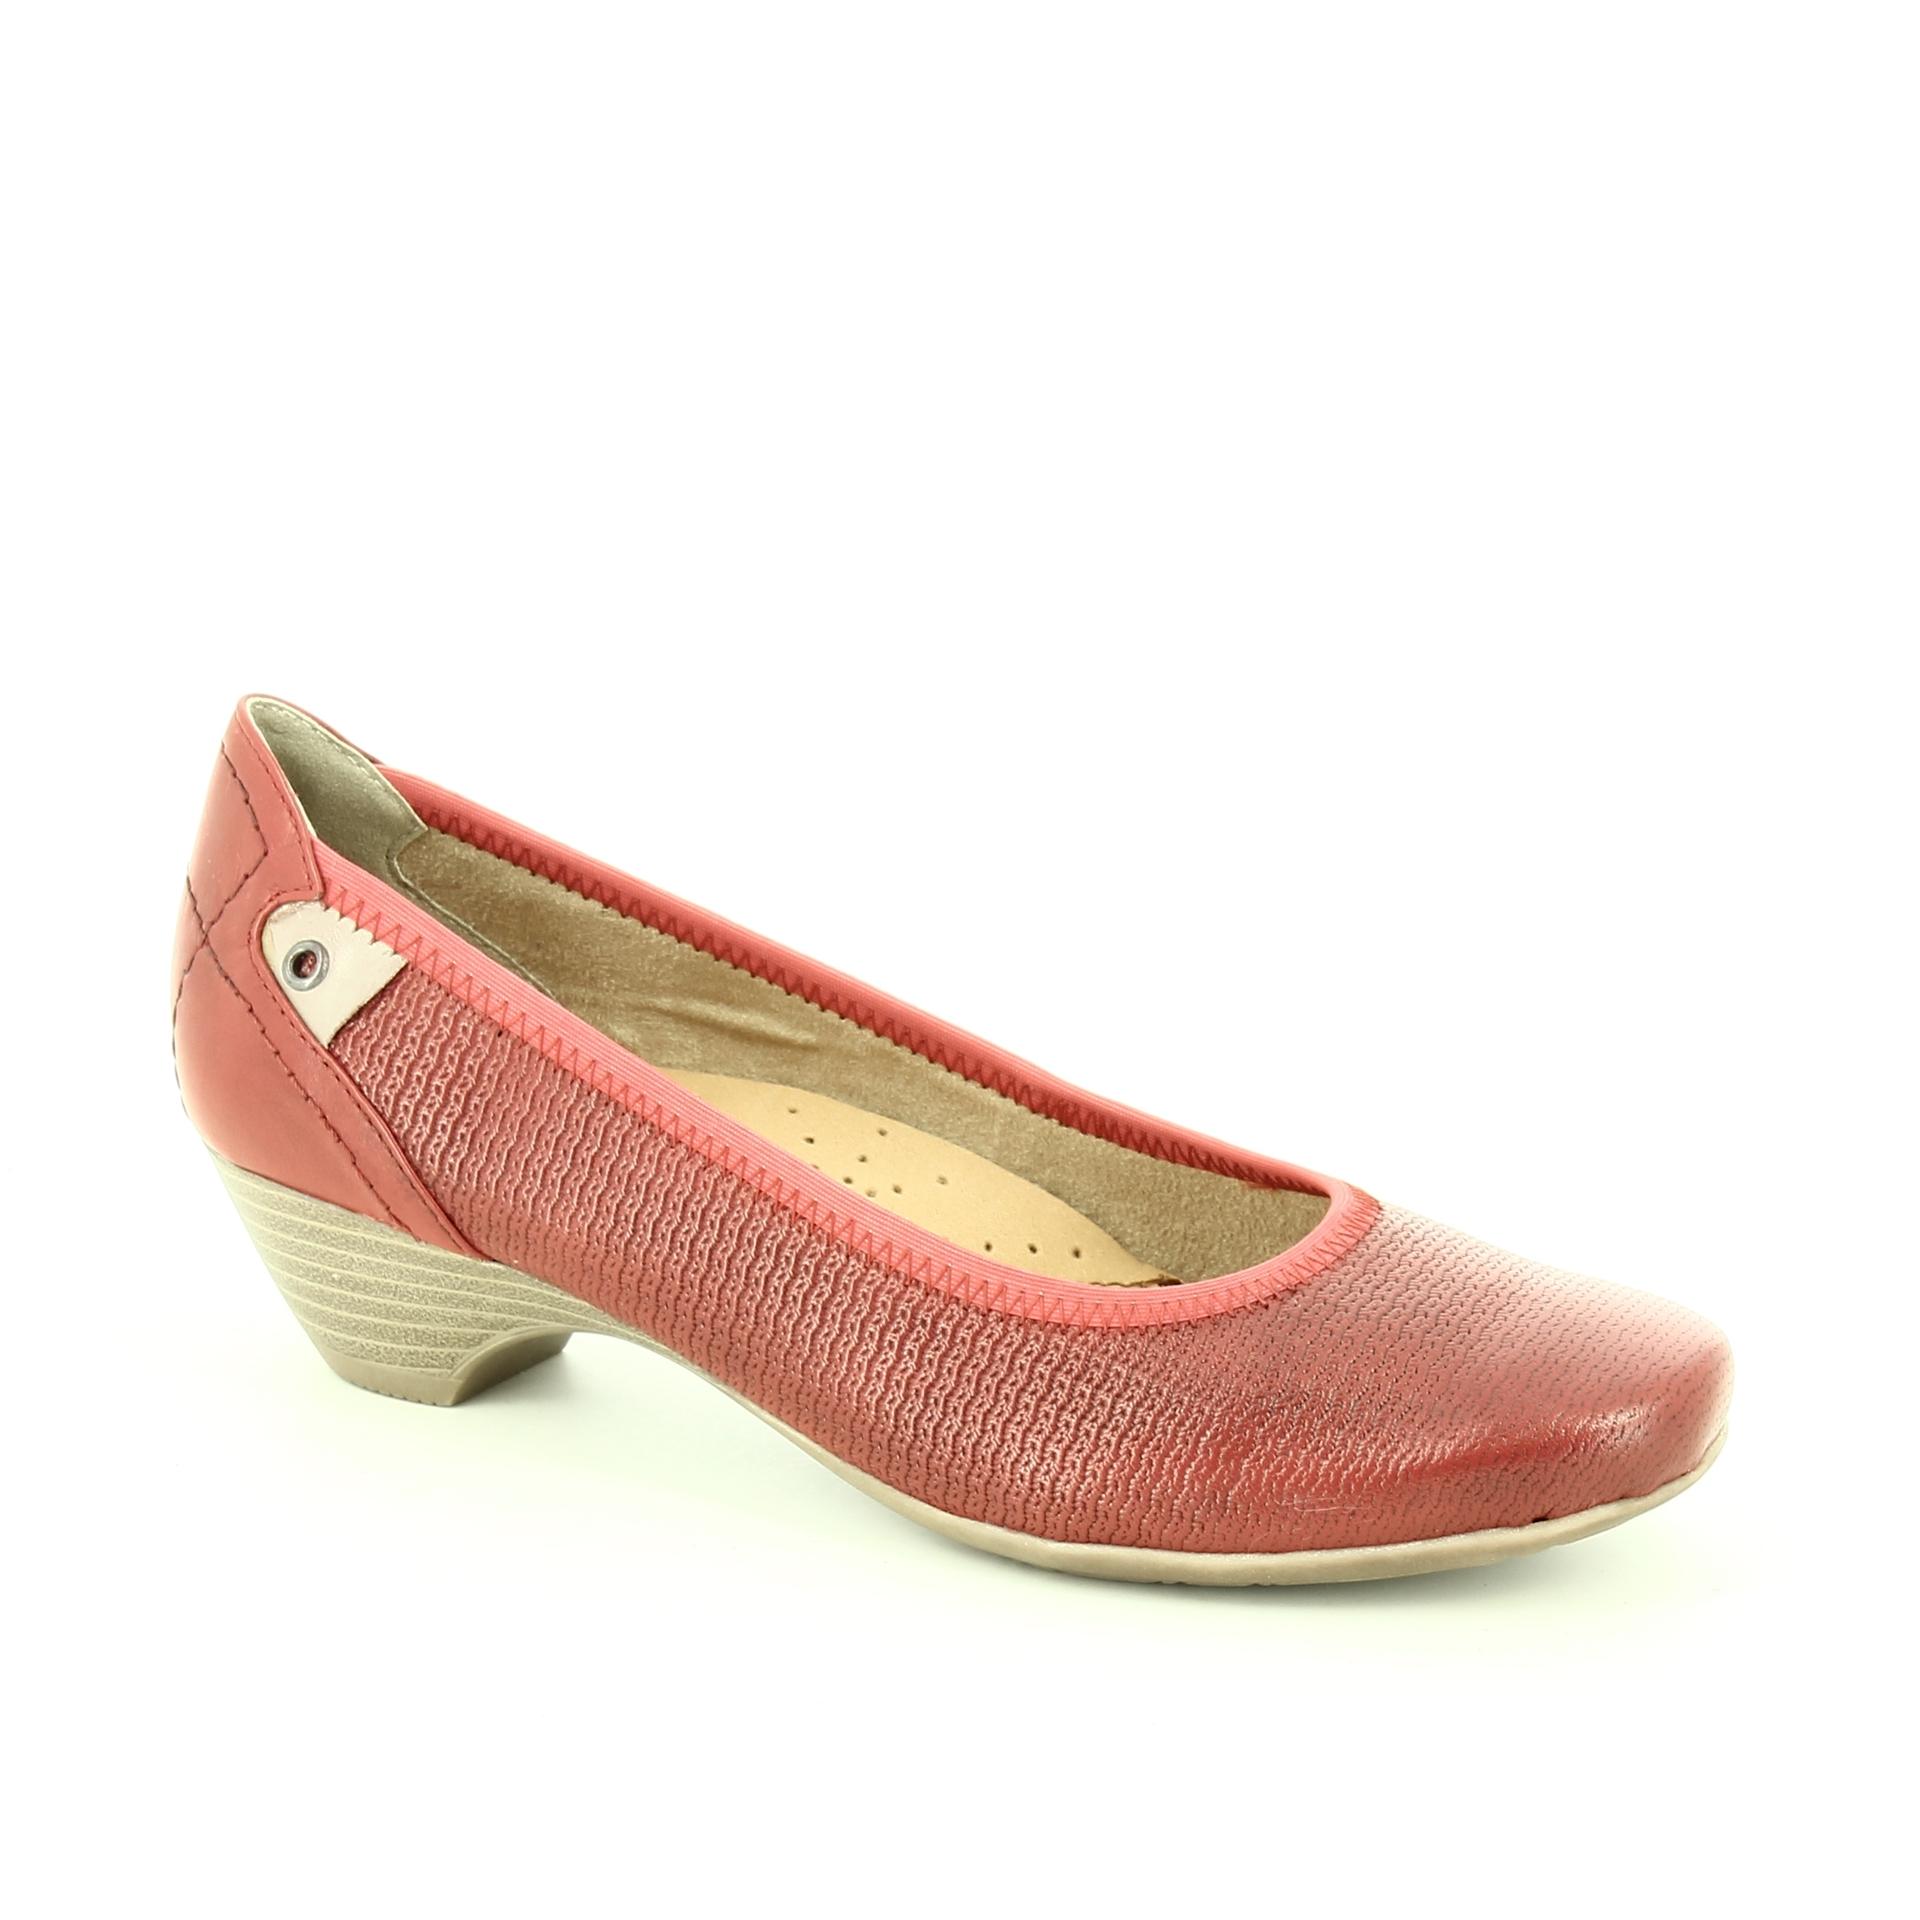 Bercolini Kényelmes cipők Jana, női, pumps, bőr